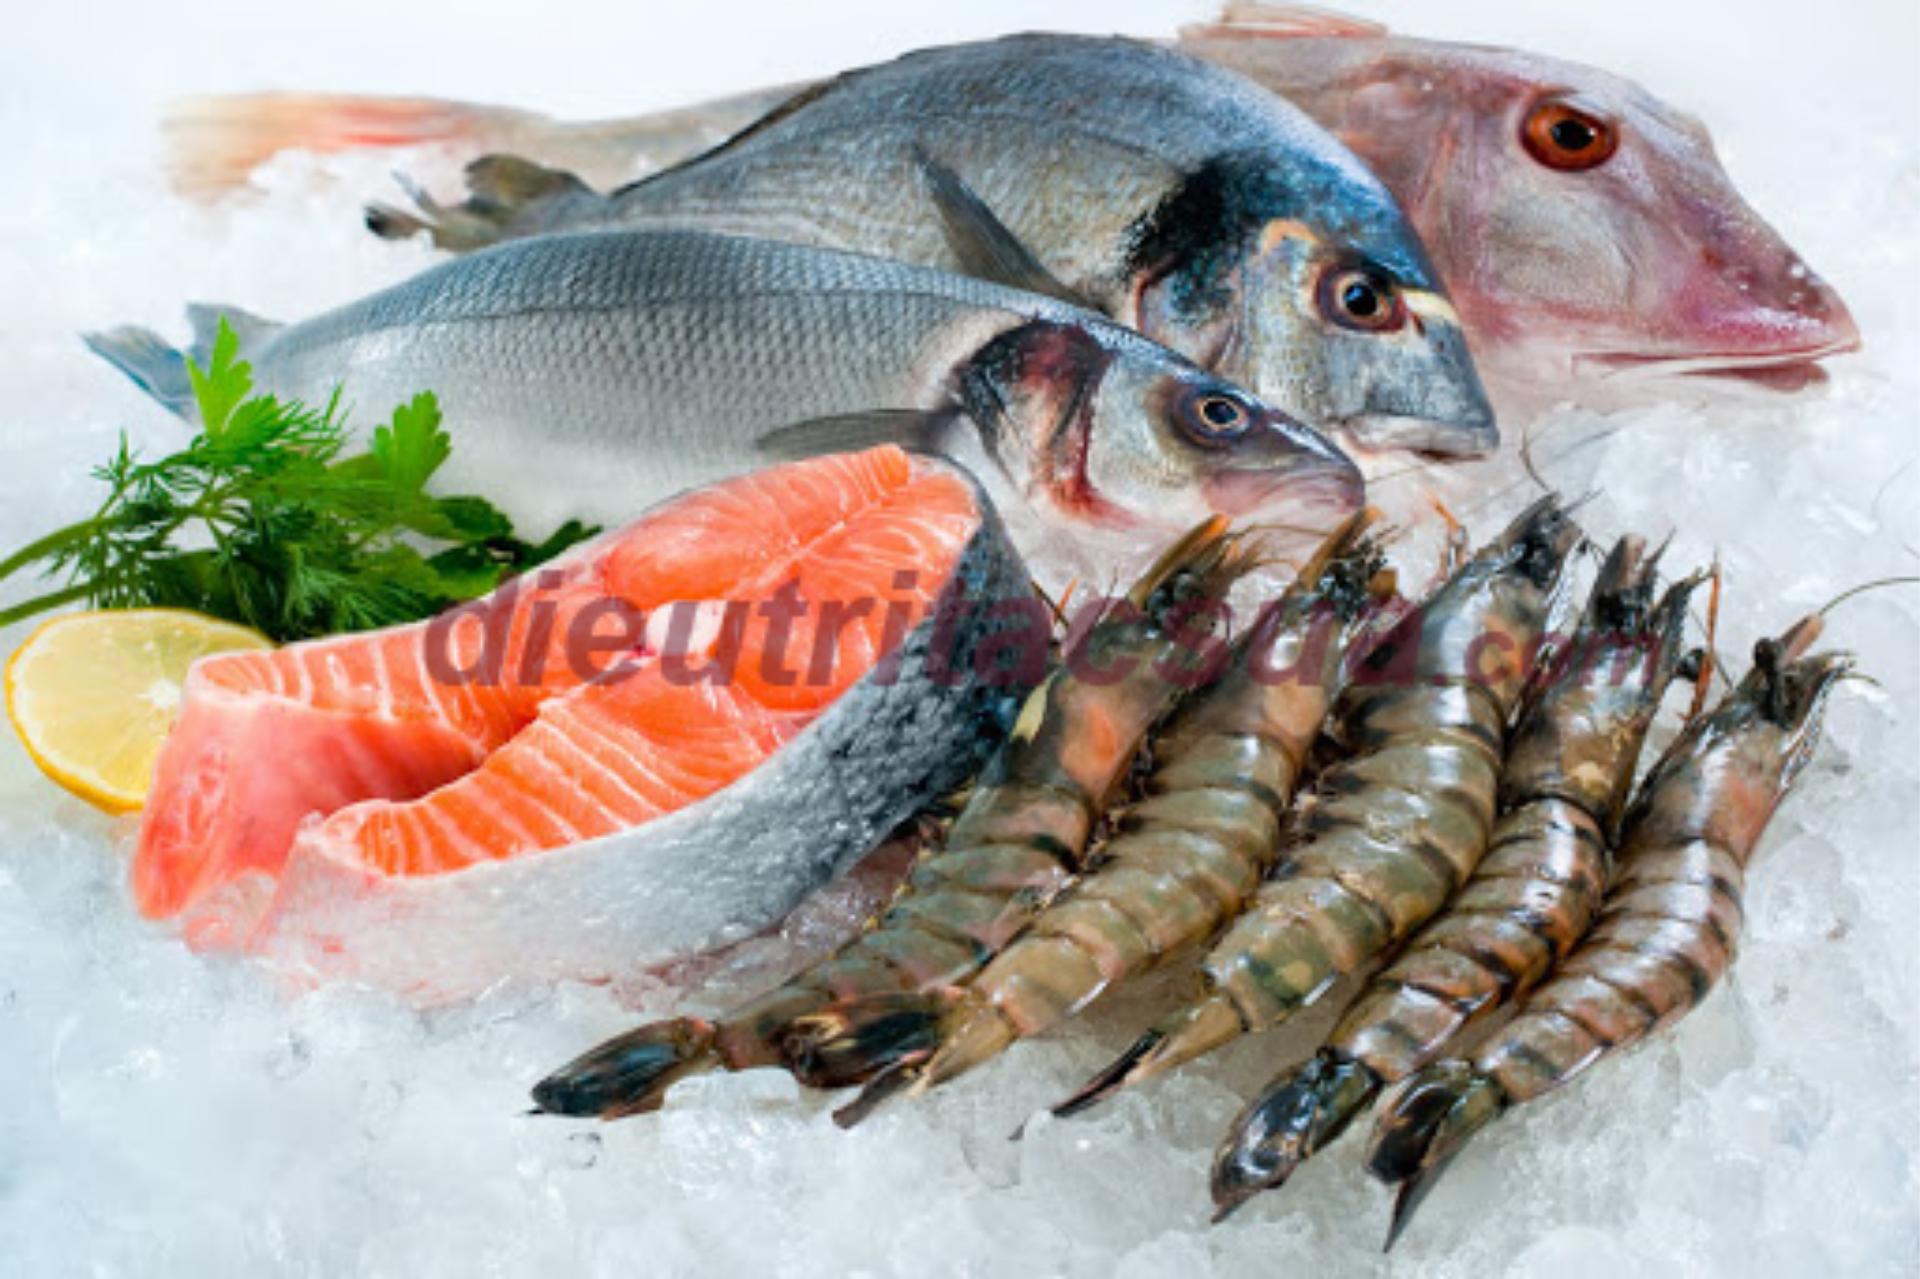 Bổ sung các thực phẩm tôm cua cá để có nhiều hàm lượng dinh dưỡng